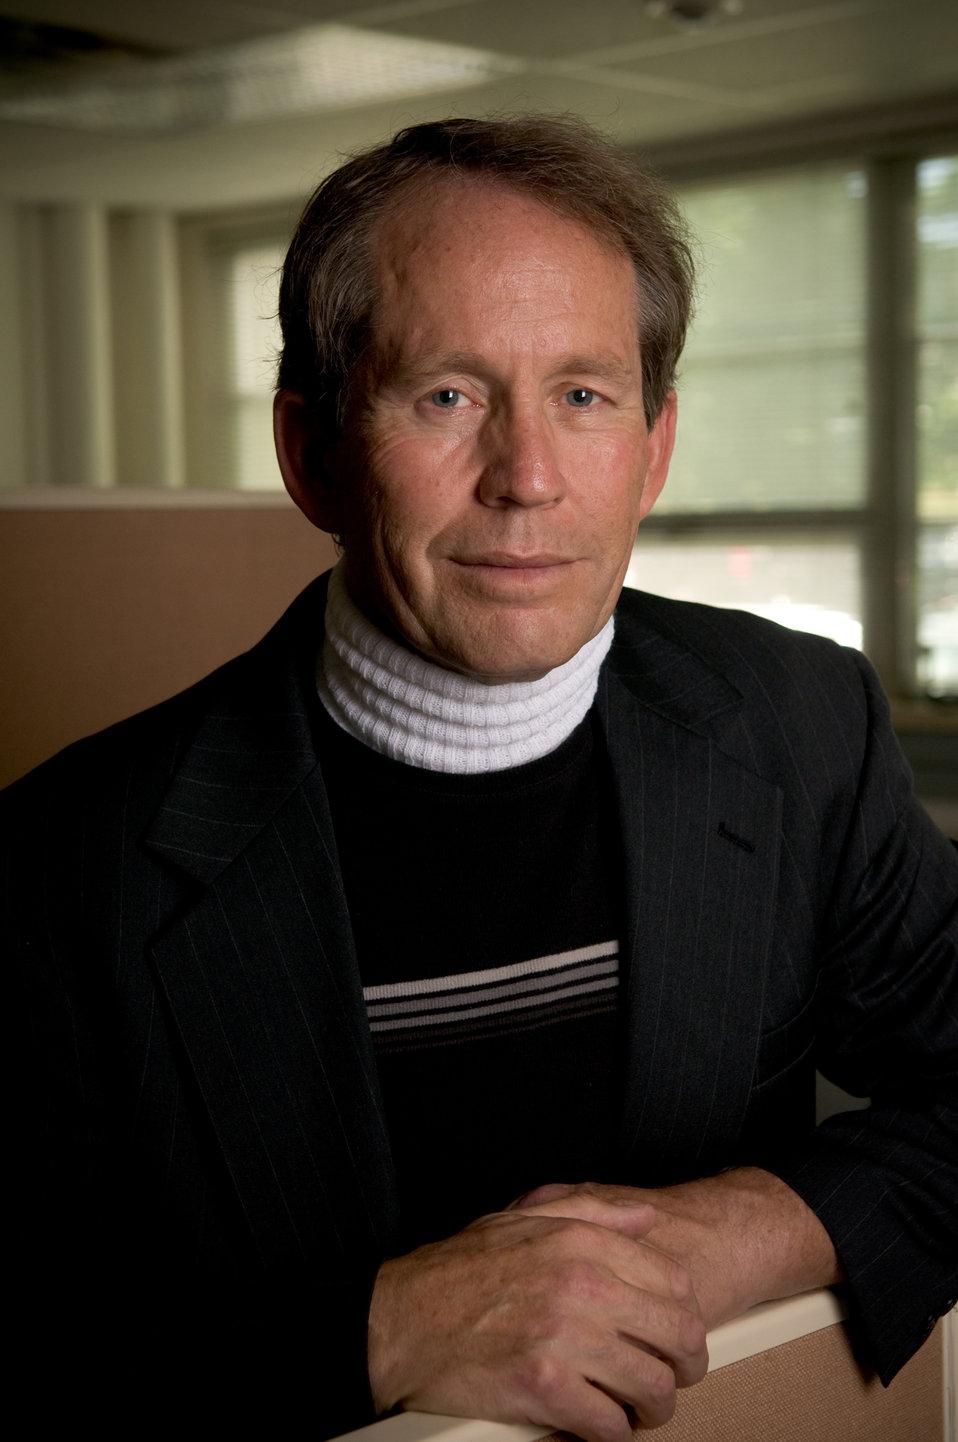 James C. Bergquist